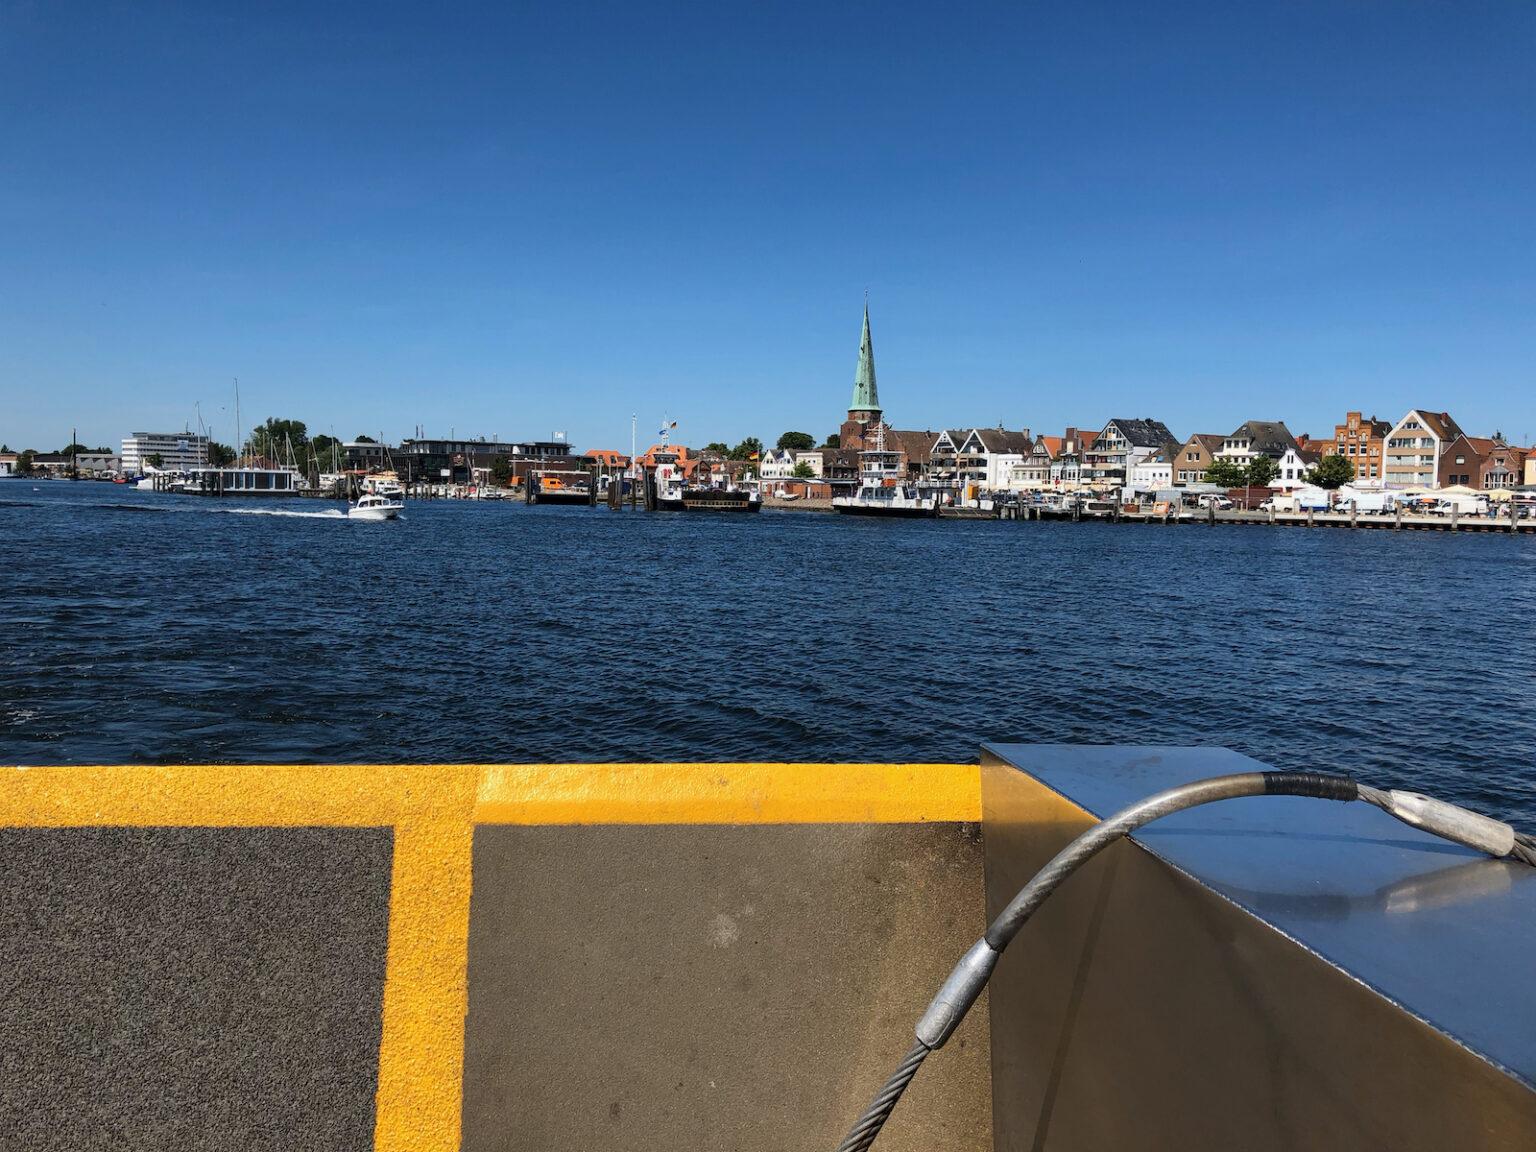 Überfahrt mit der Fähre nach Lübeck